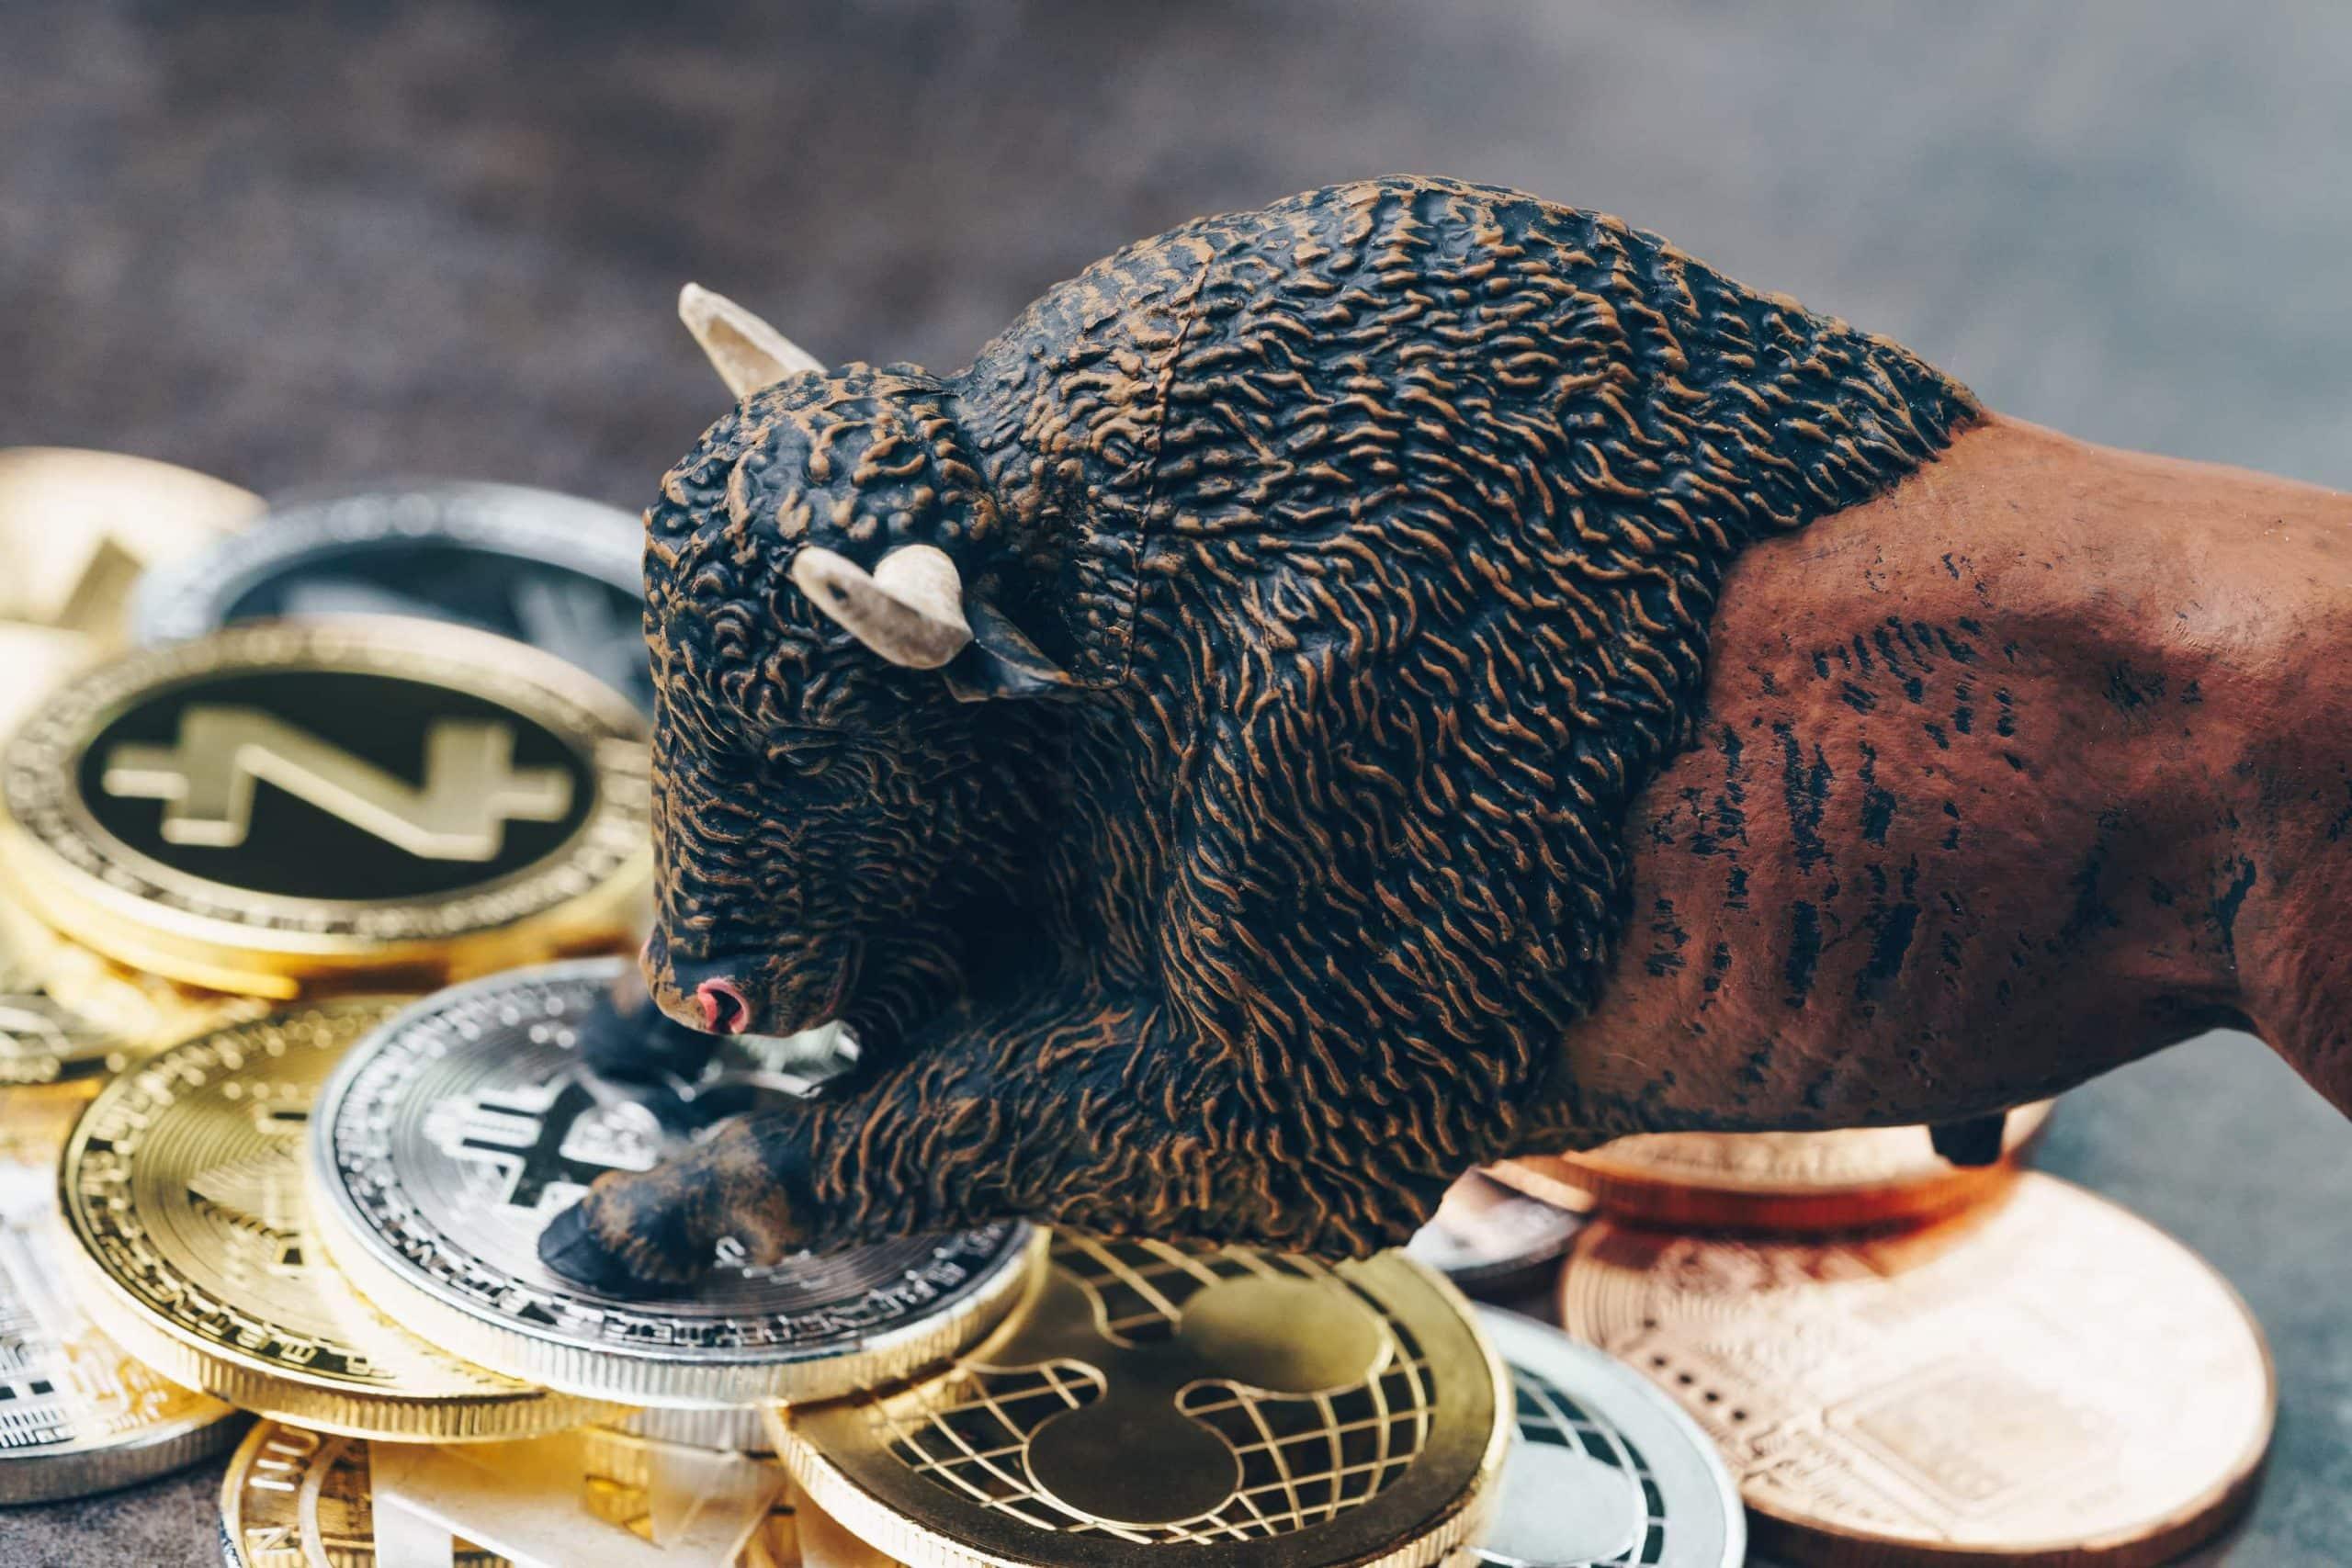 Eine Bullenfigur steht mit den Vorderläufen auf einem Stapel von Bitcoin- und Altcoin-Münuen